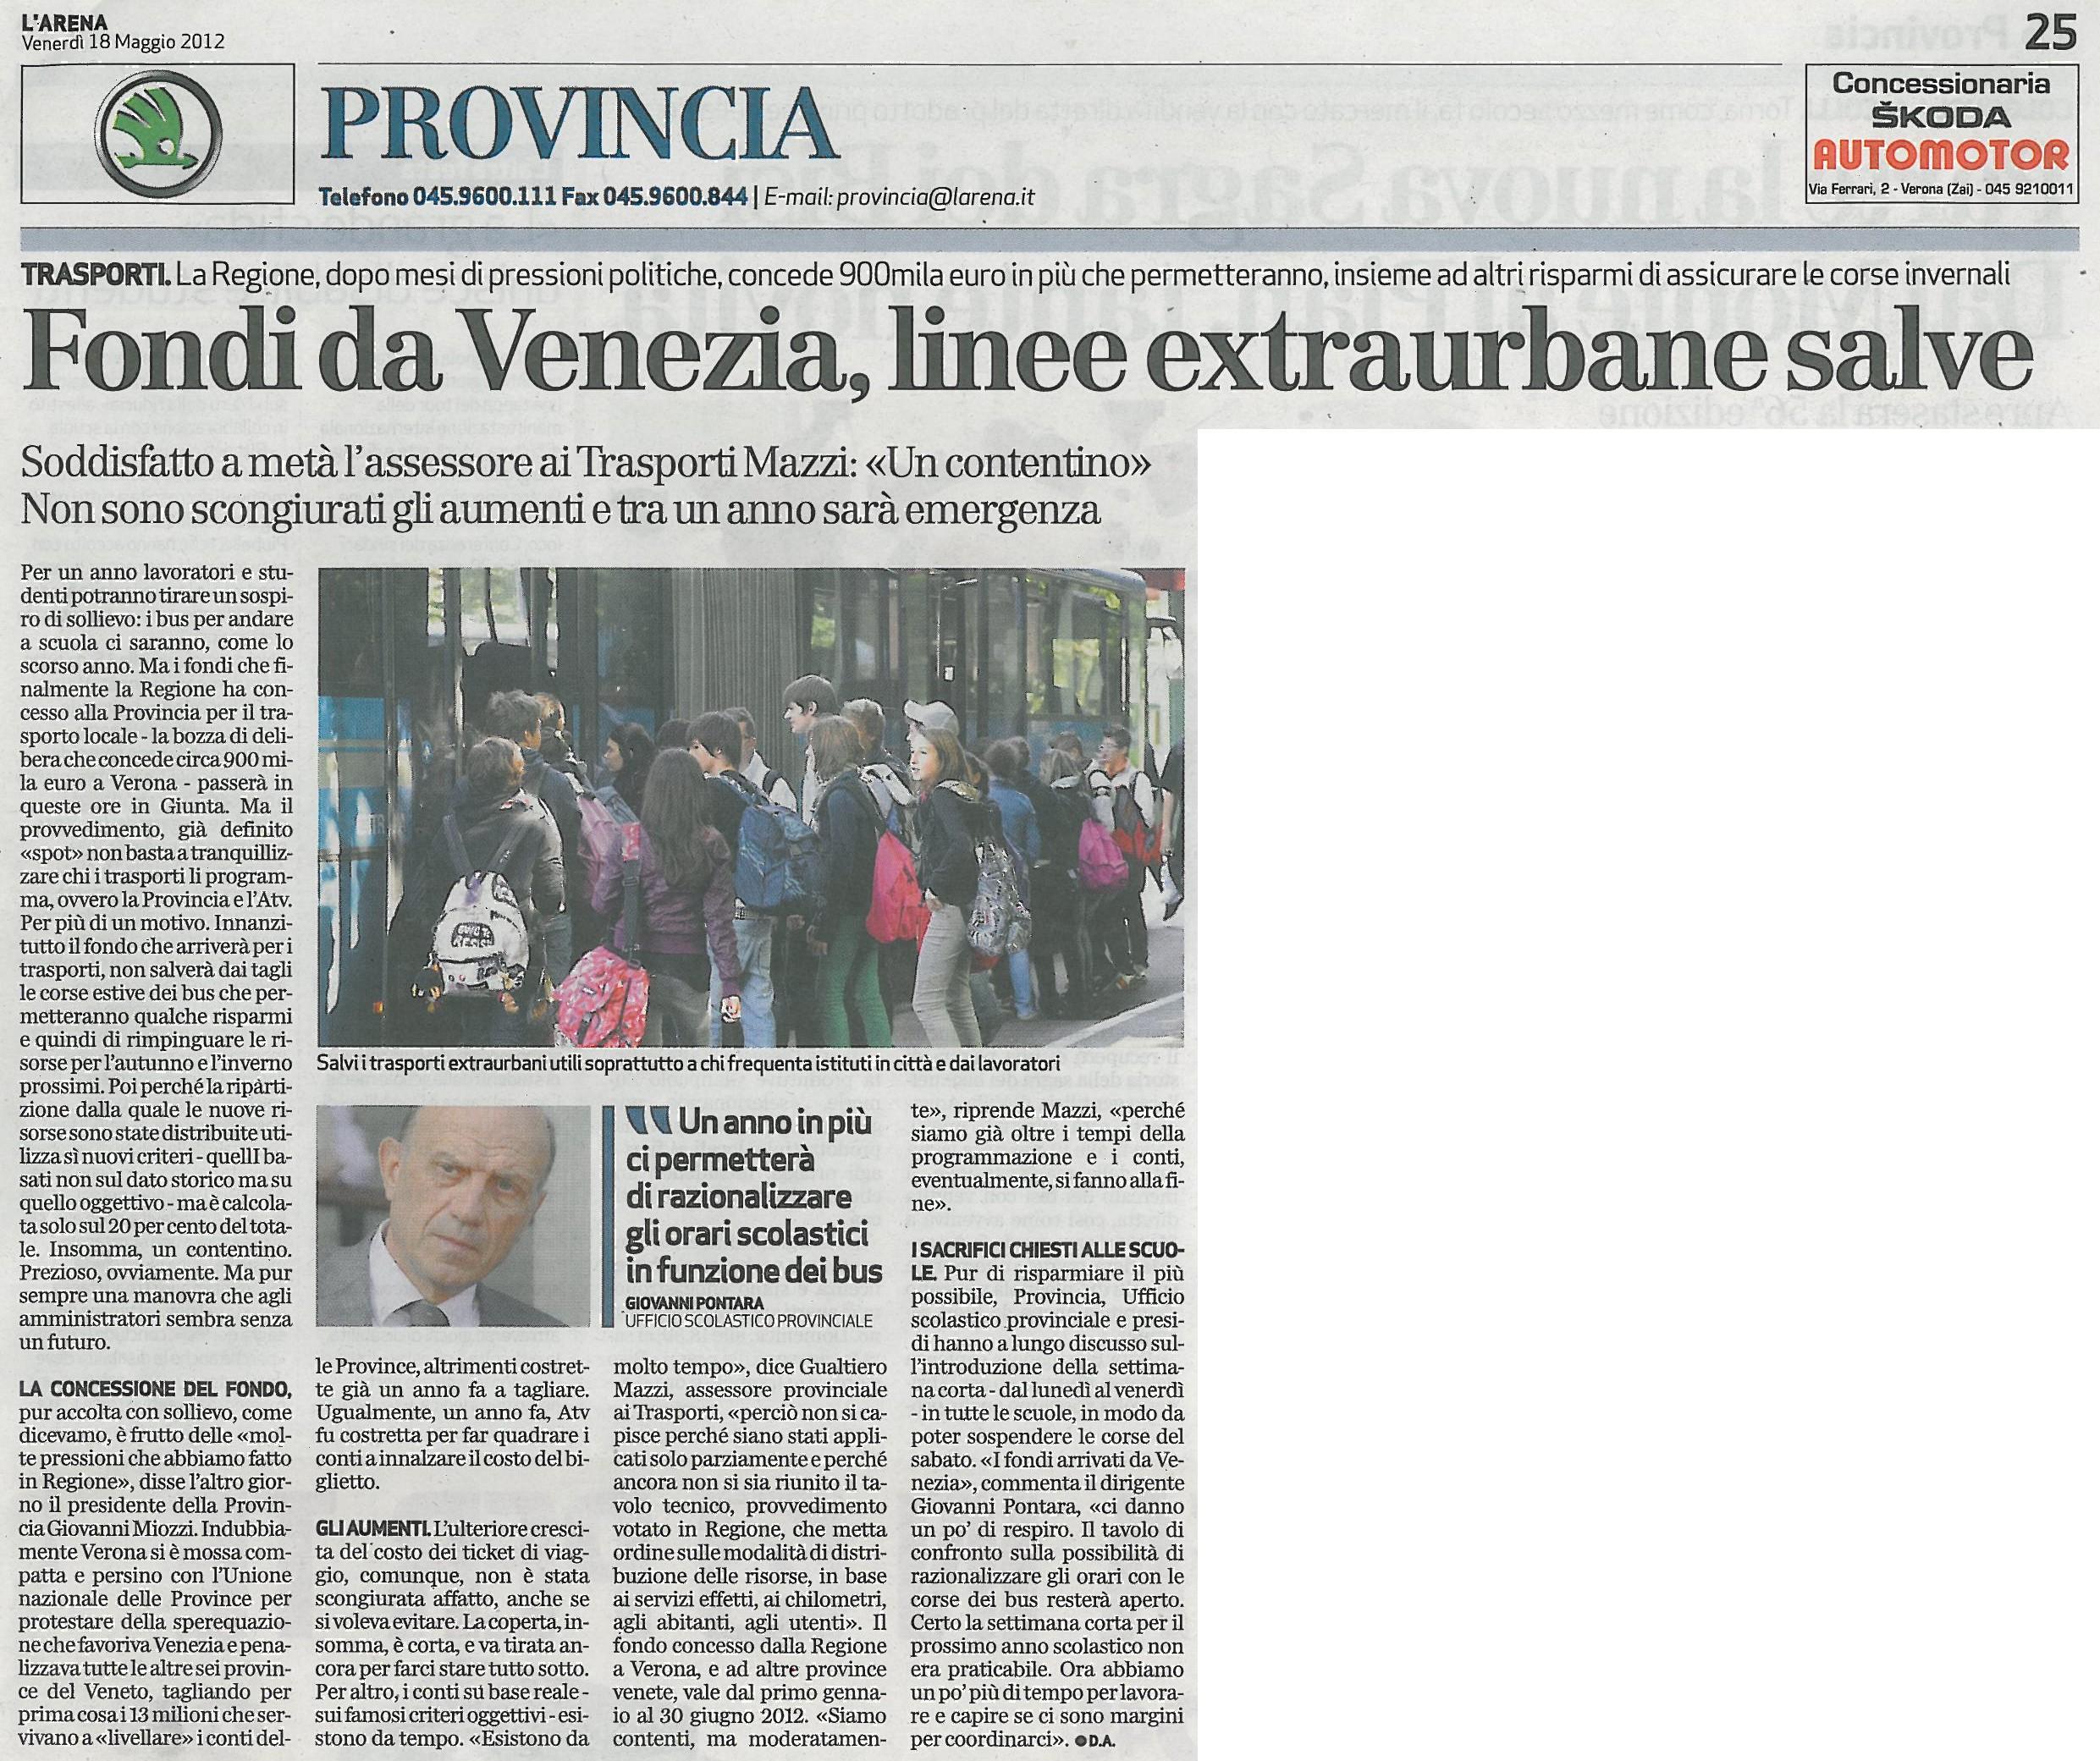 Fondi da Venezia, linee extraurbane salve